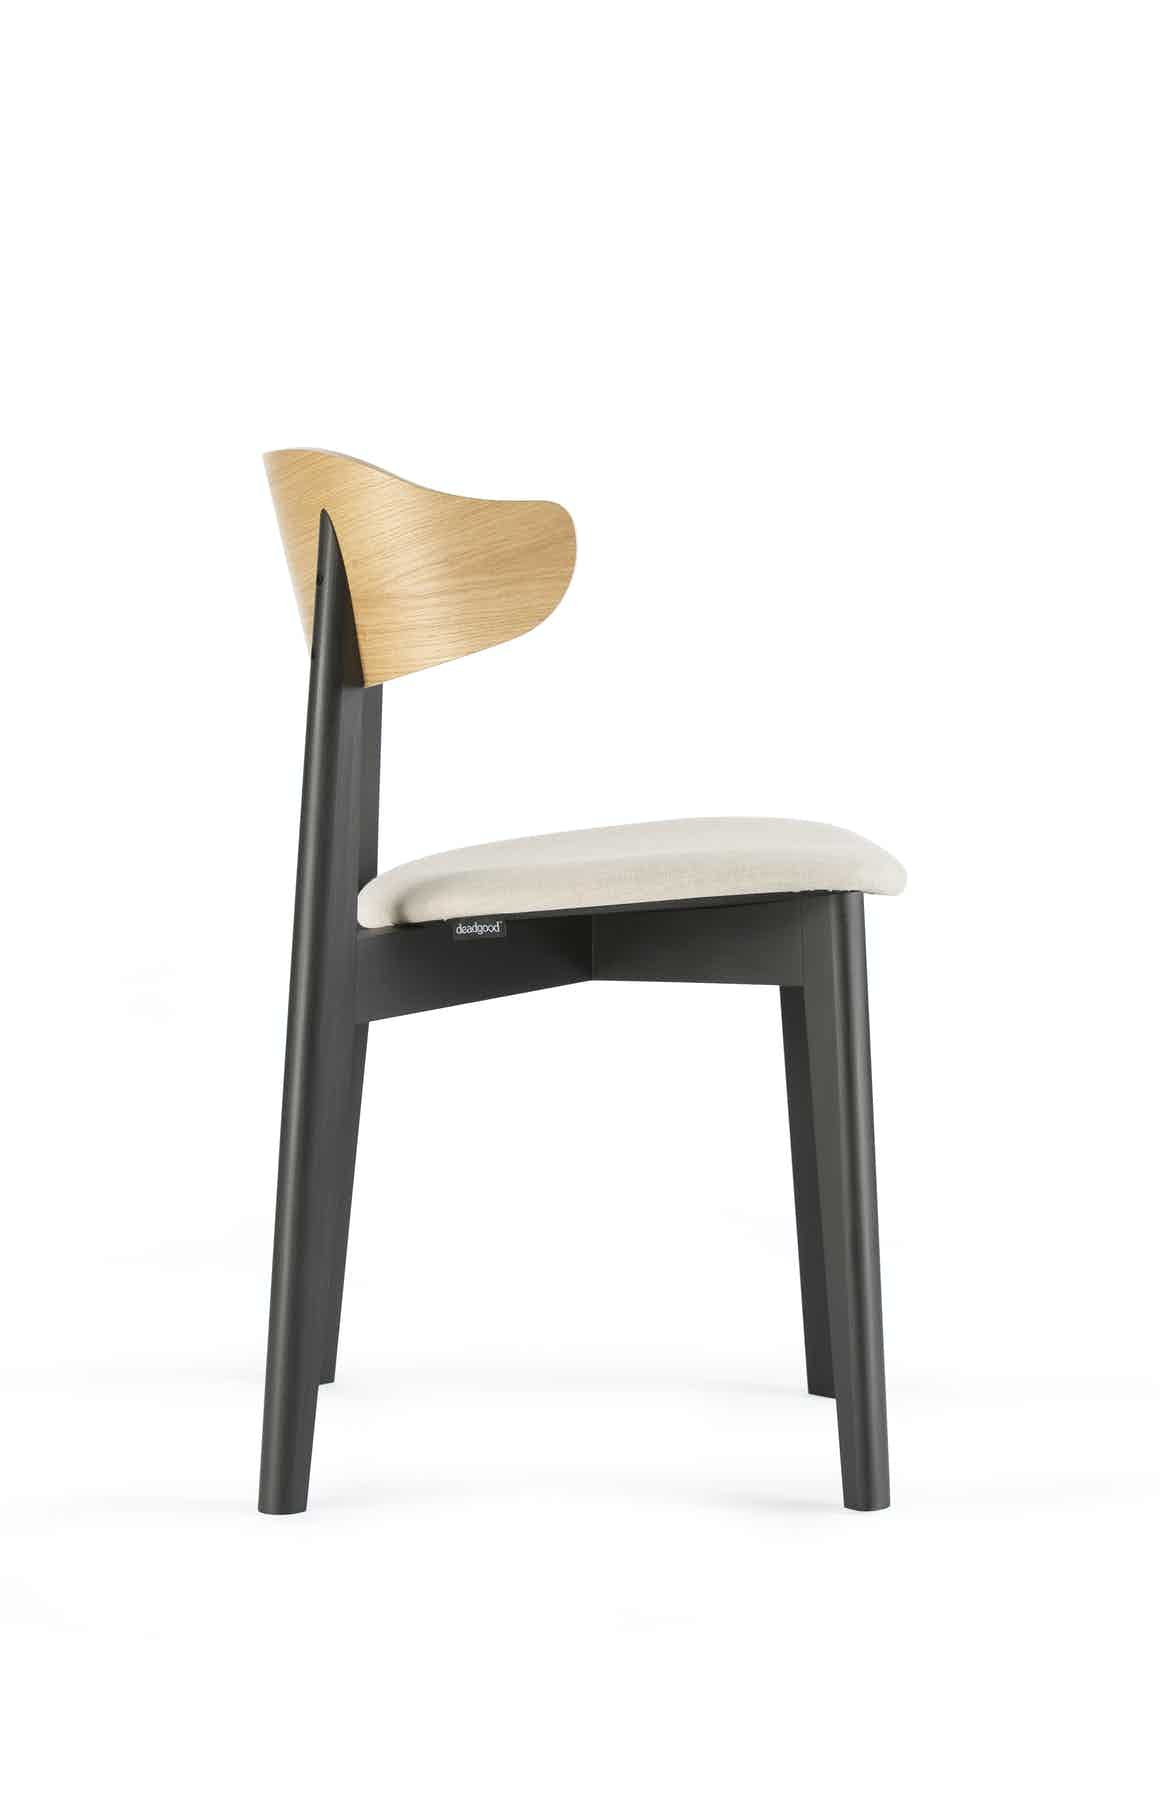 Deadgood-setter-chair-oak-and-white-side-haute-living